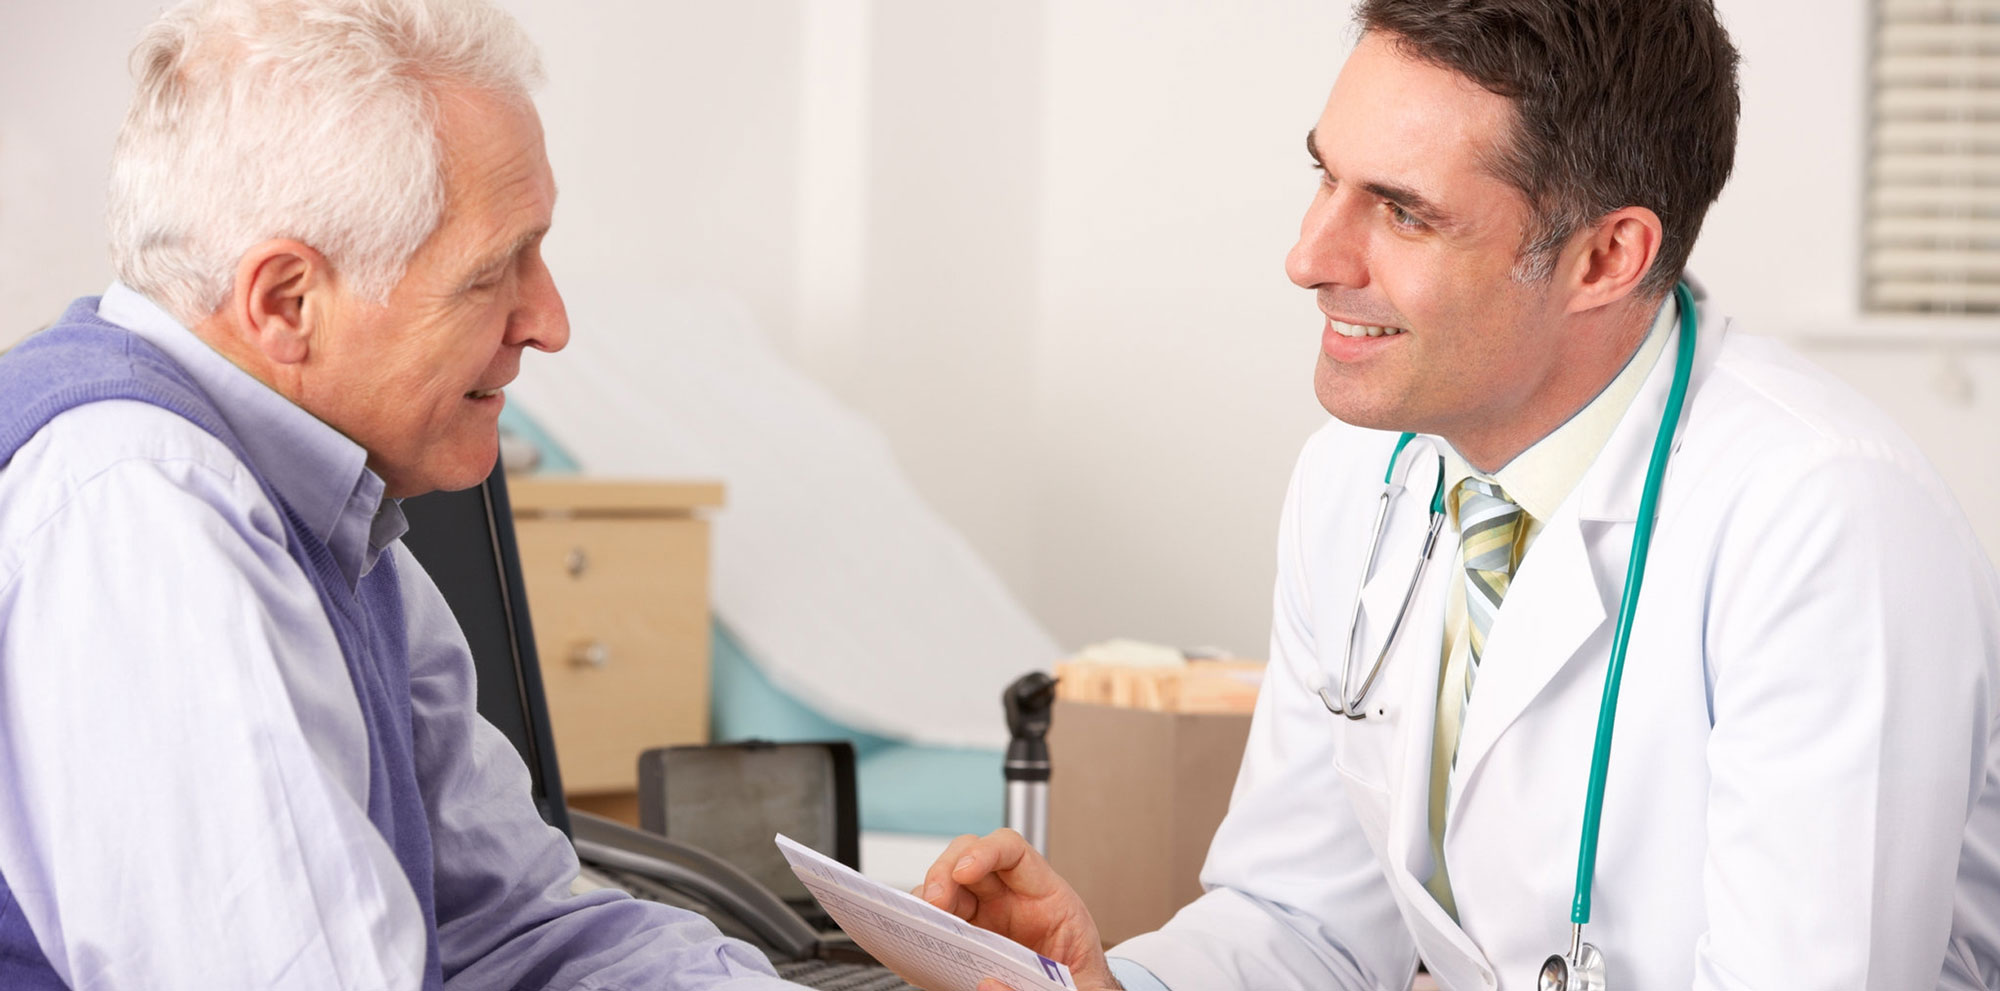 Dr-Patient-02